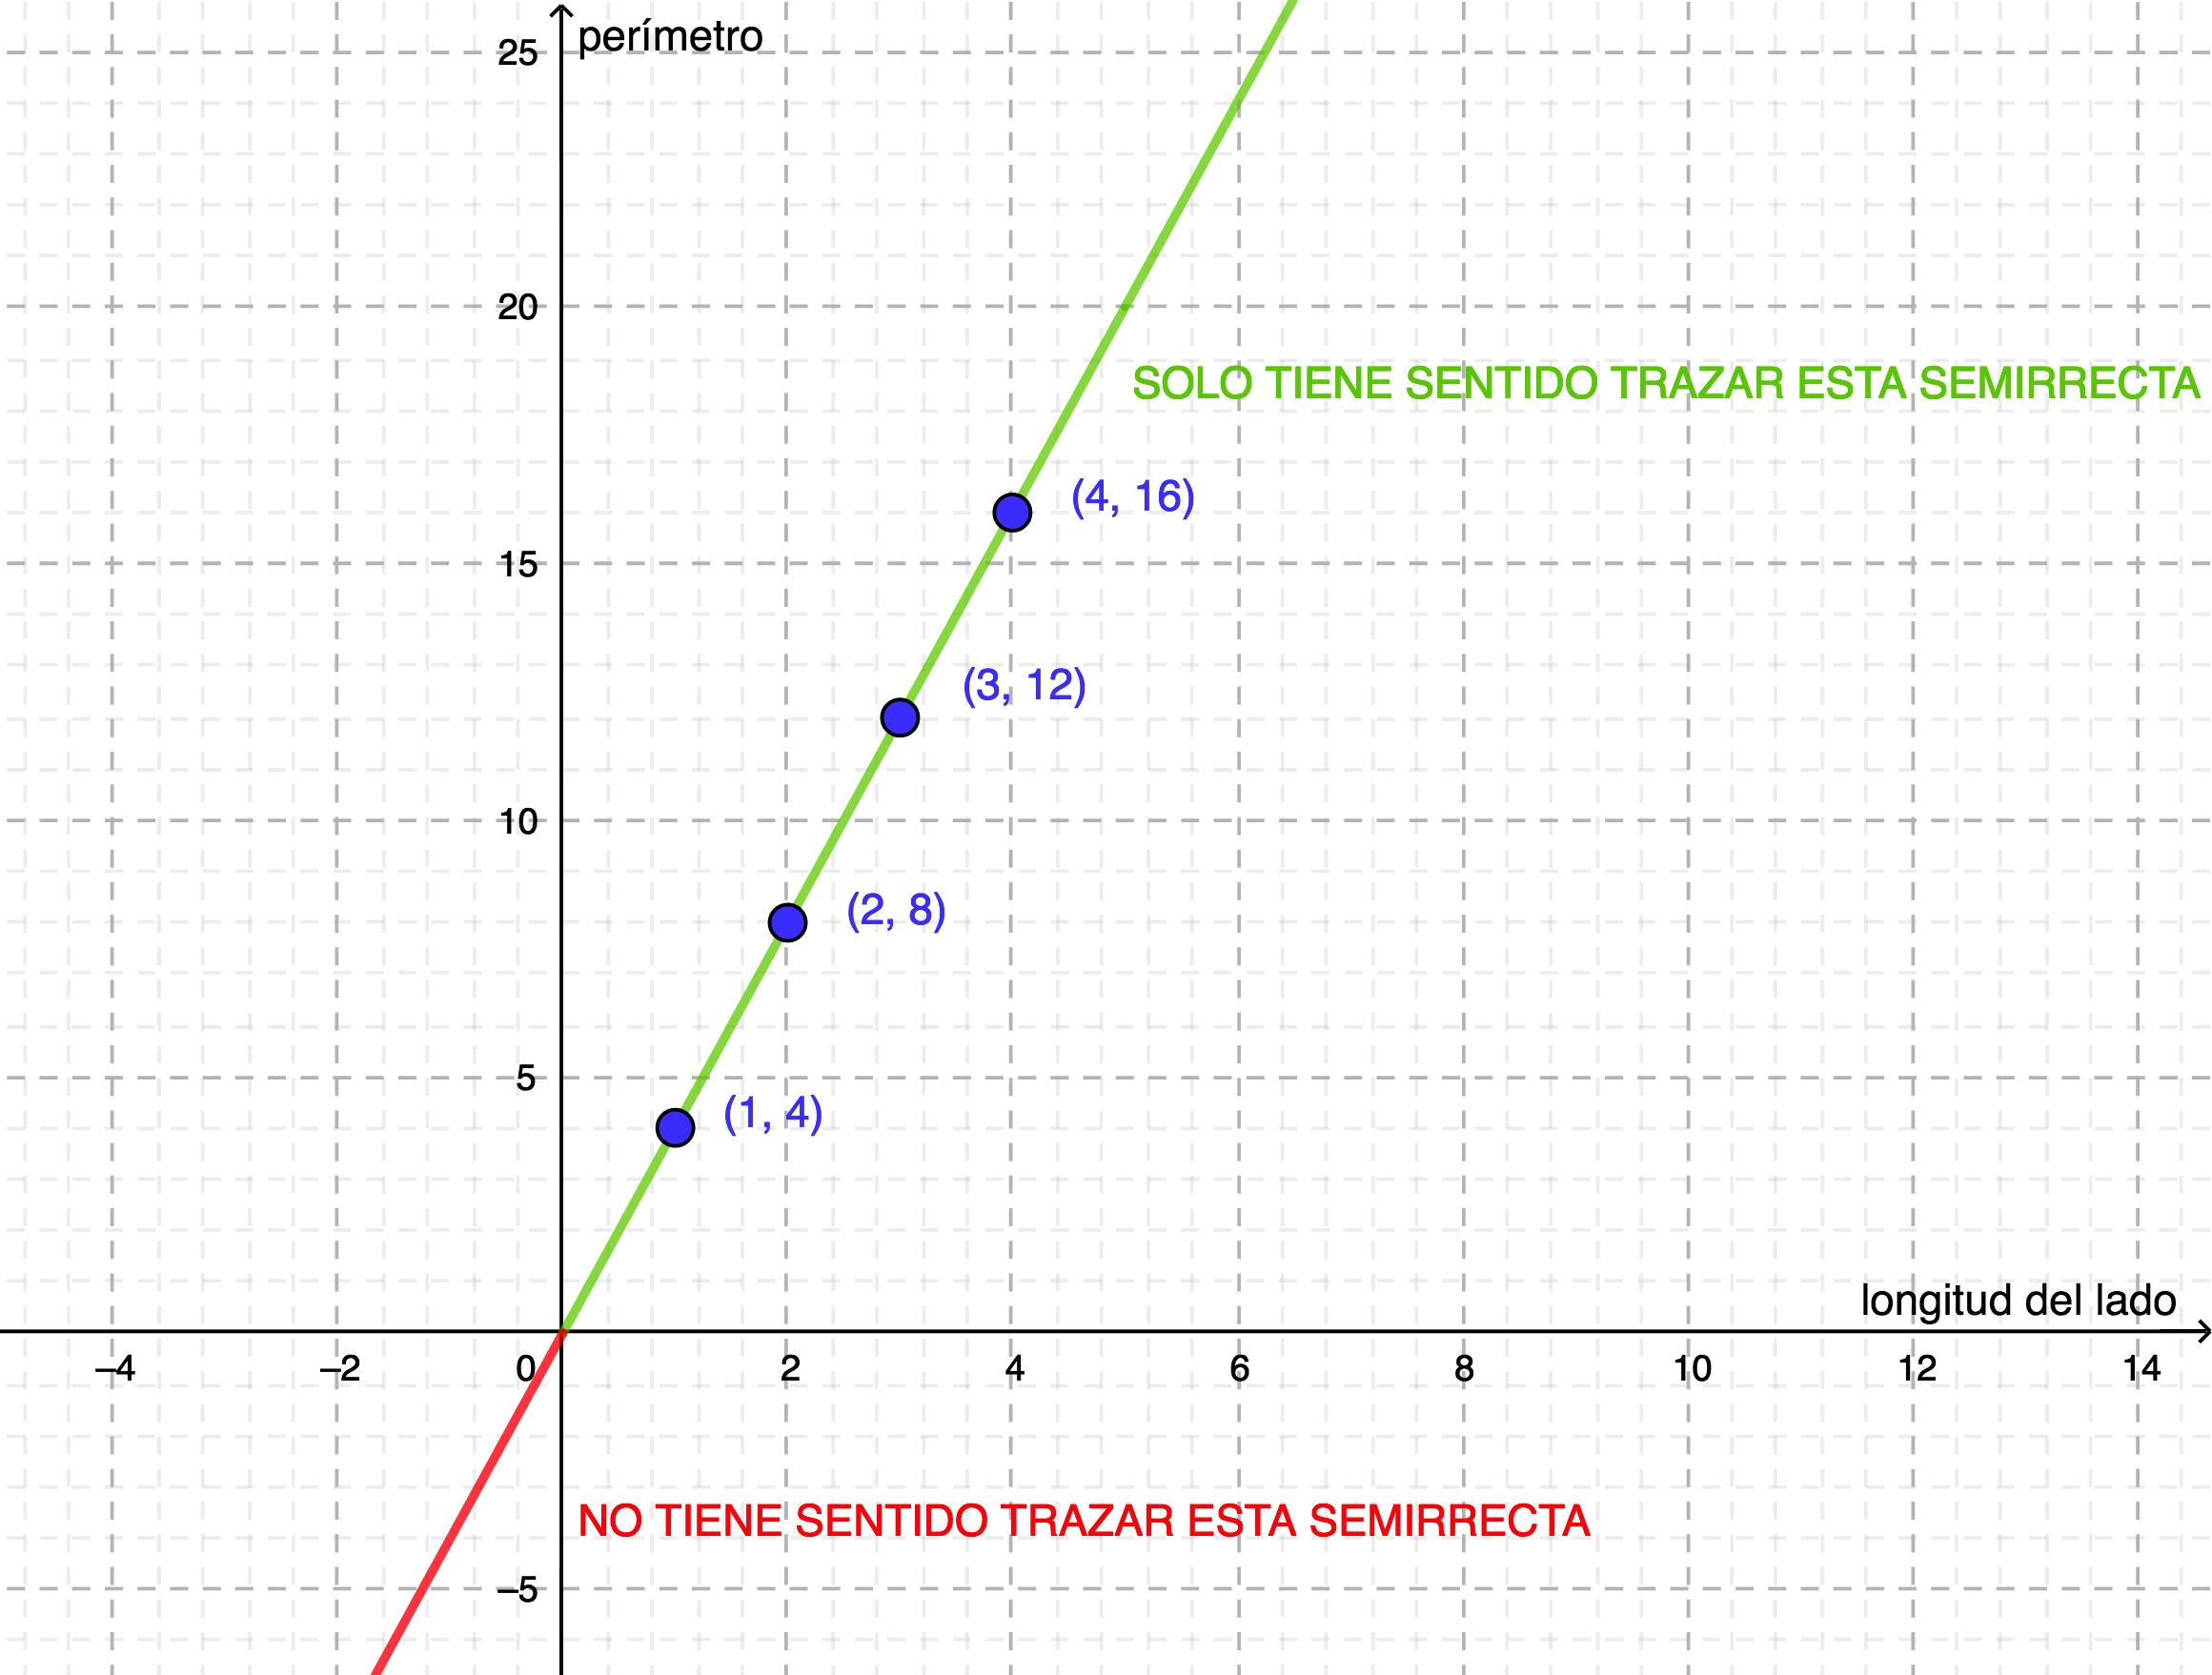 Como no existen longitudes negativas, tenemos que descartar la parte negativa de la recta